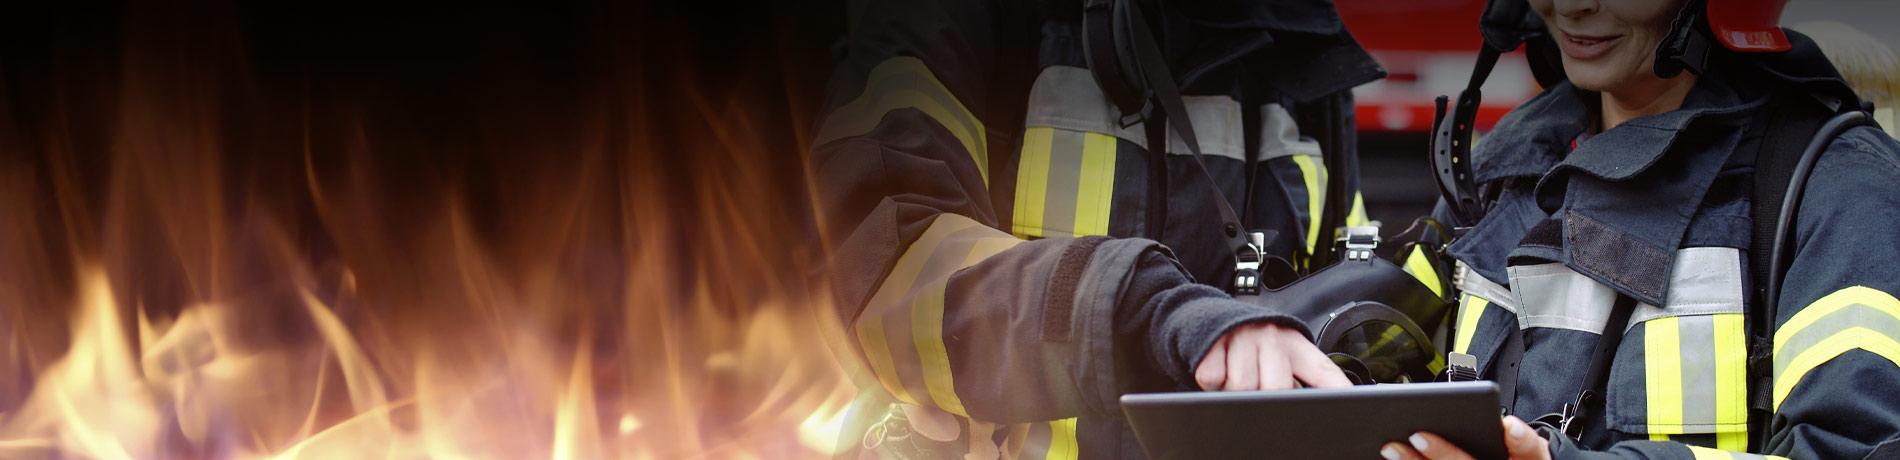 Feuerwehrpläne